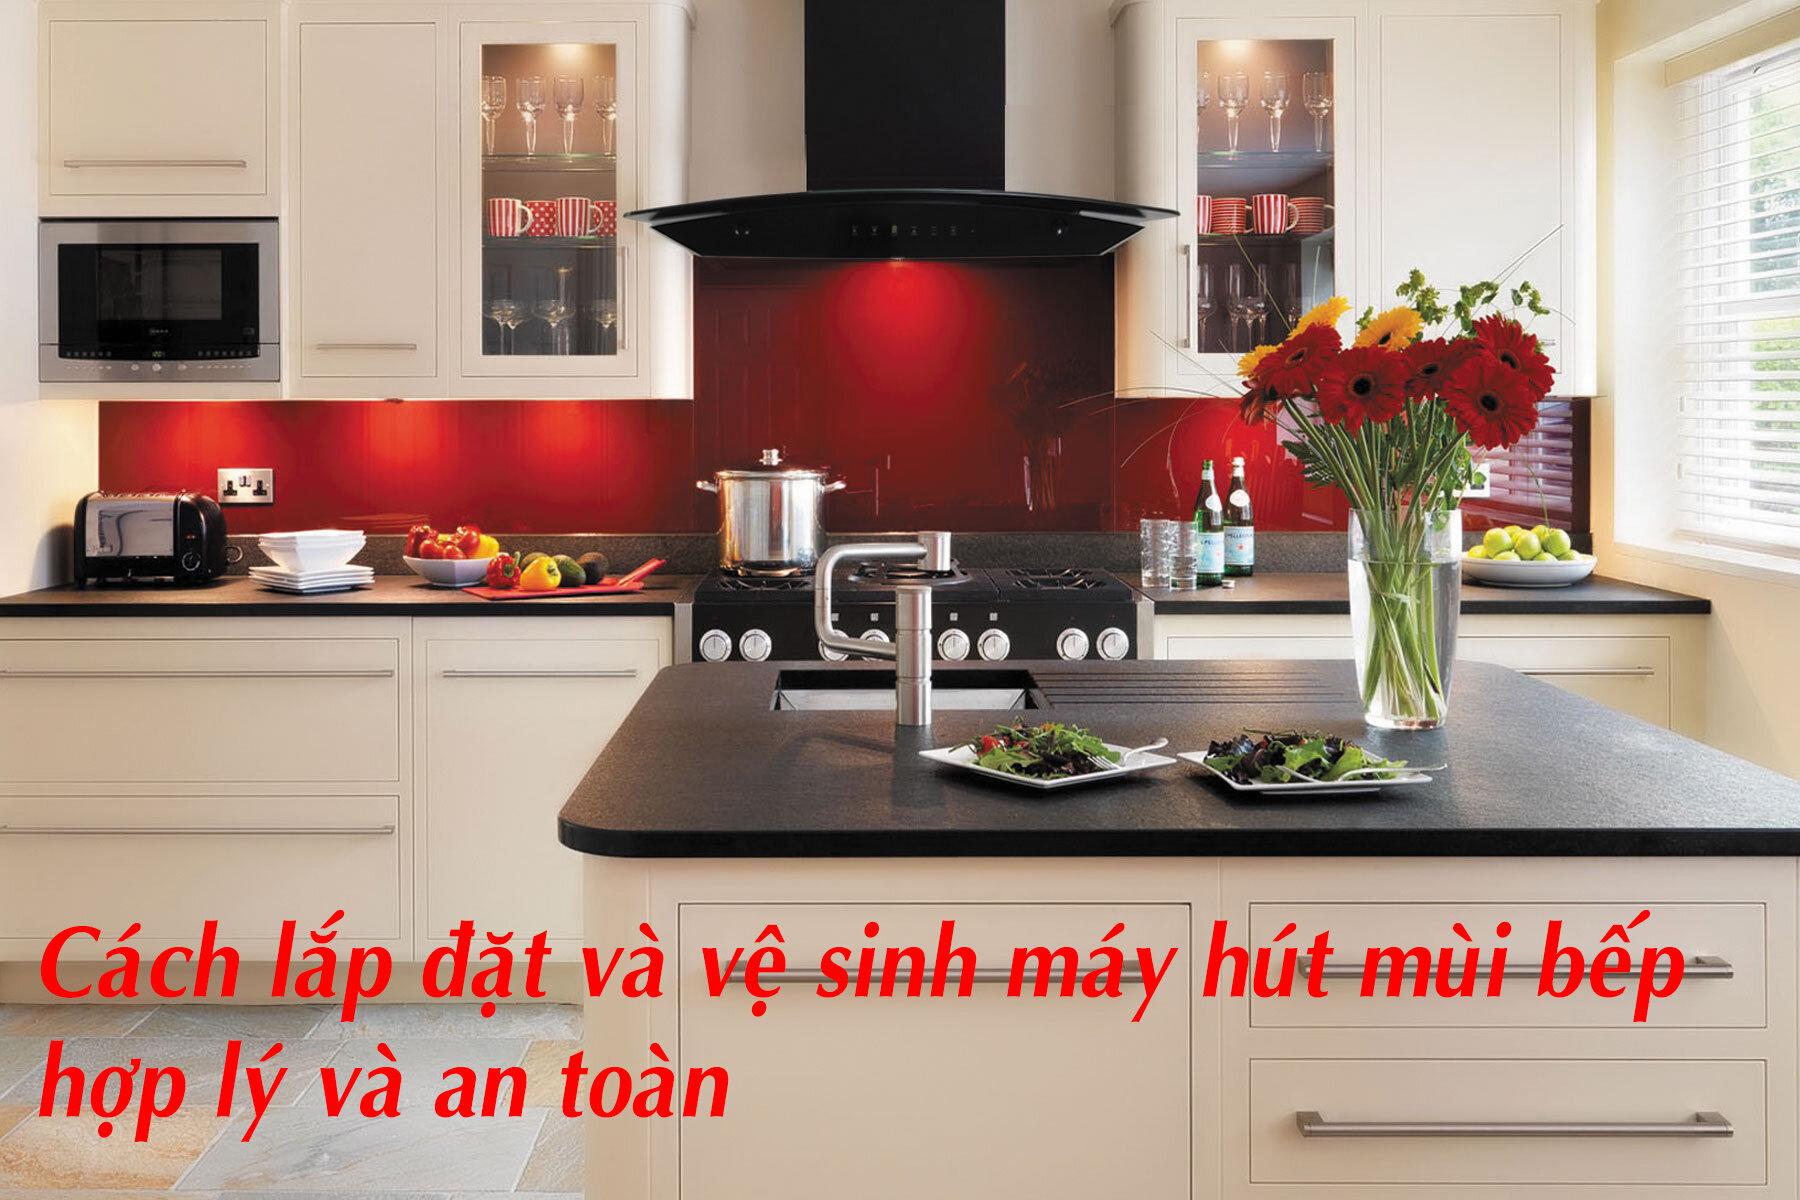 Cần phải lưu ý về vị trí và khoảng cách với bếp khi lắp đặt máy hút mùi